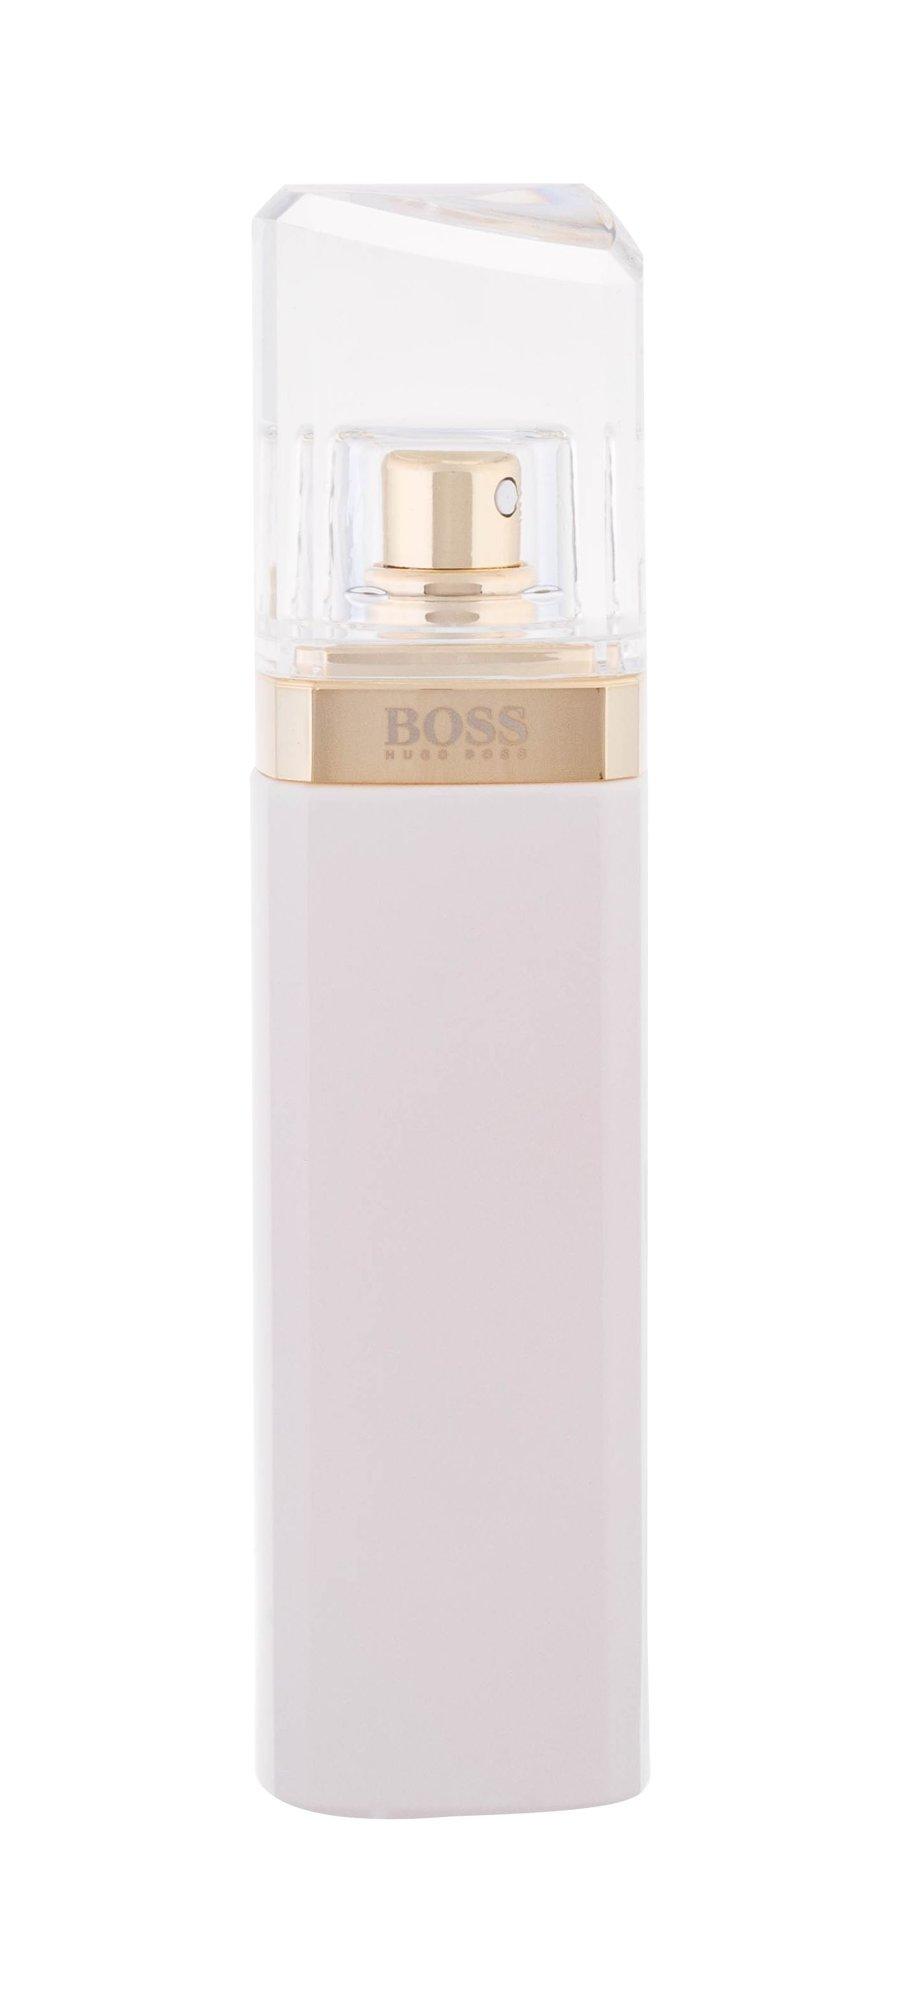 HUGO BOSS Jour Pour Femme Runway Edition Eau de Parfum 50ml